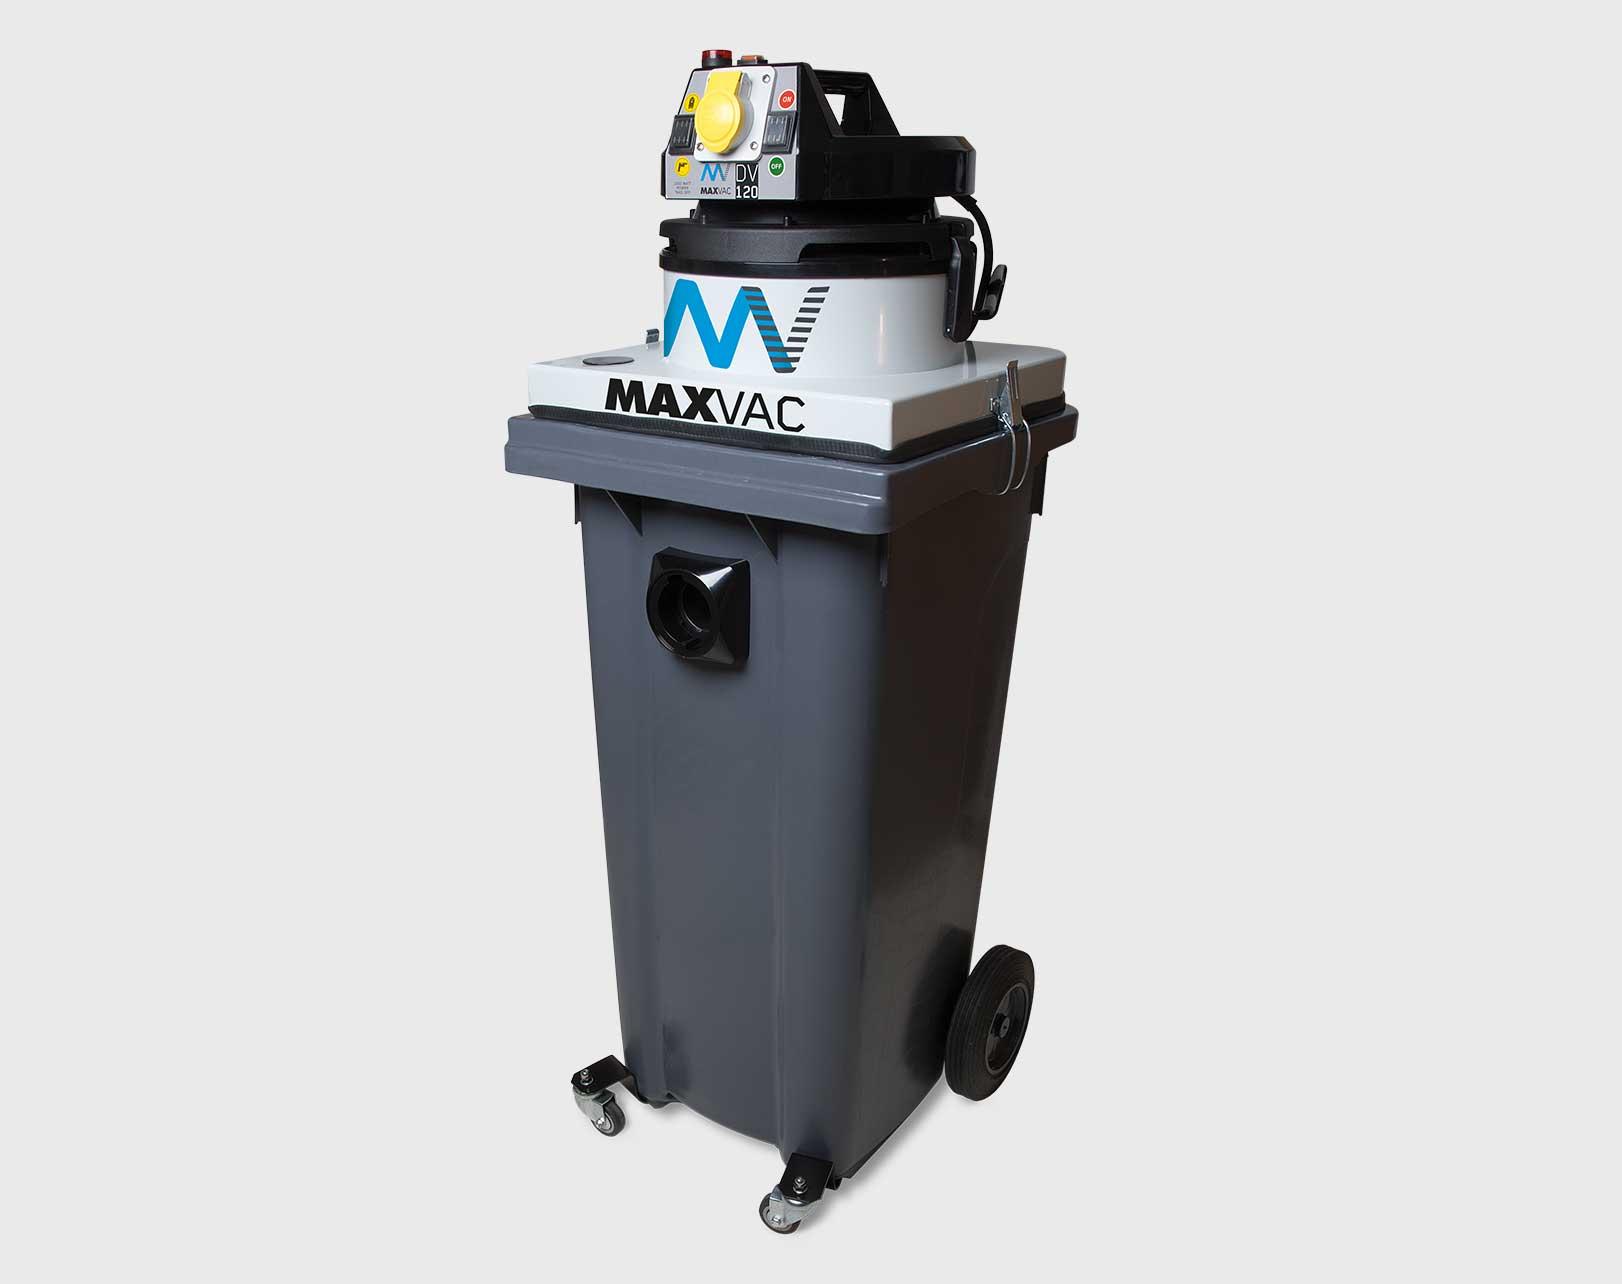 MAXVAC DV-120-MB 120L DUST BIN VACUUM 110V